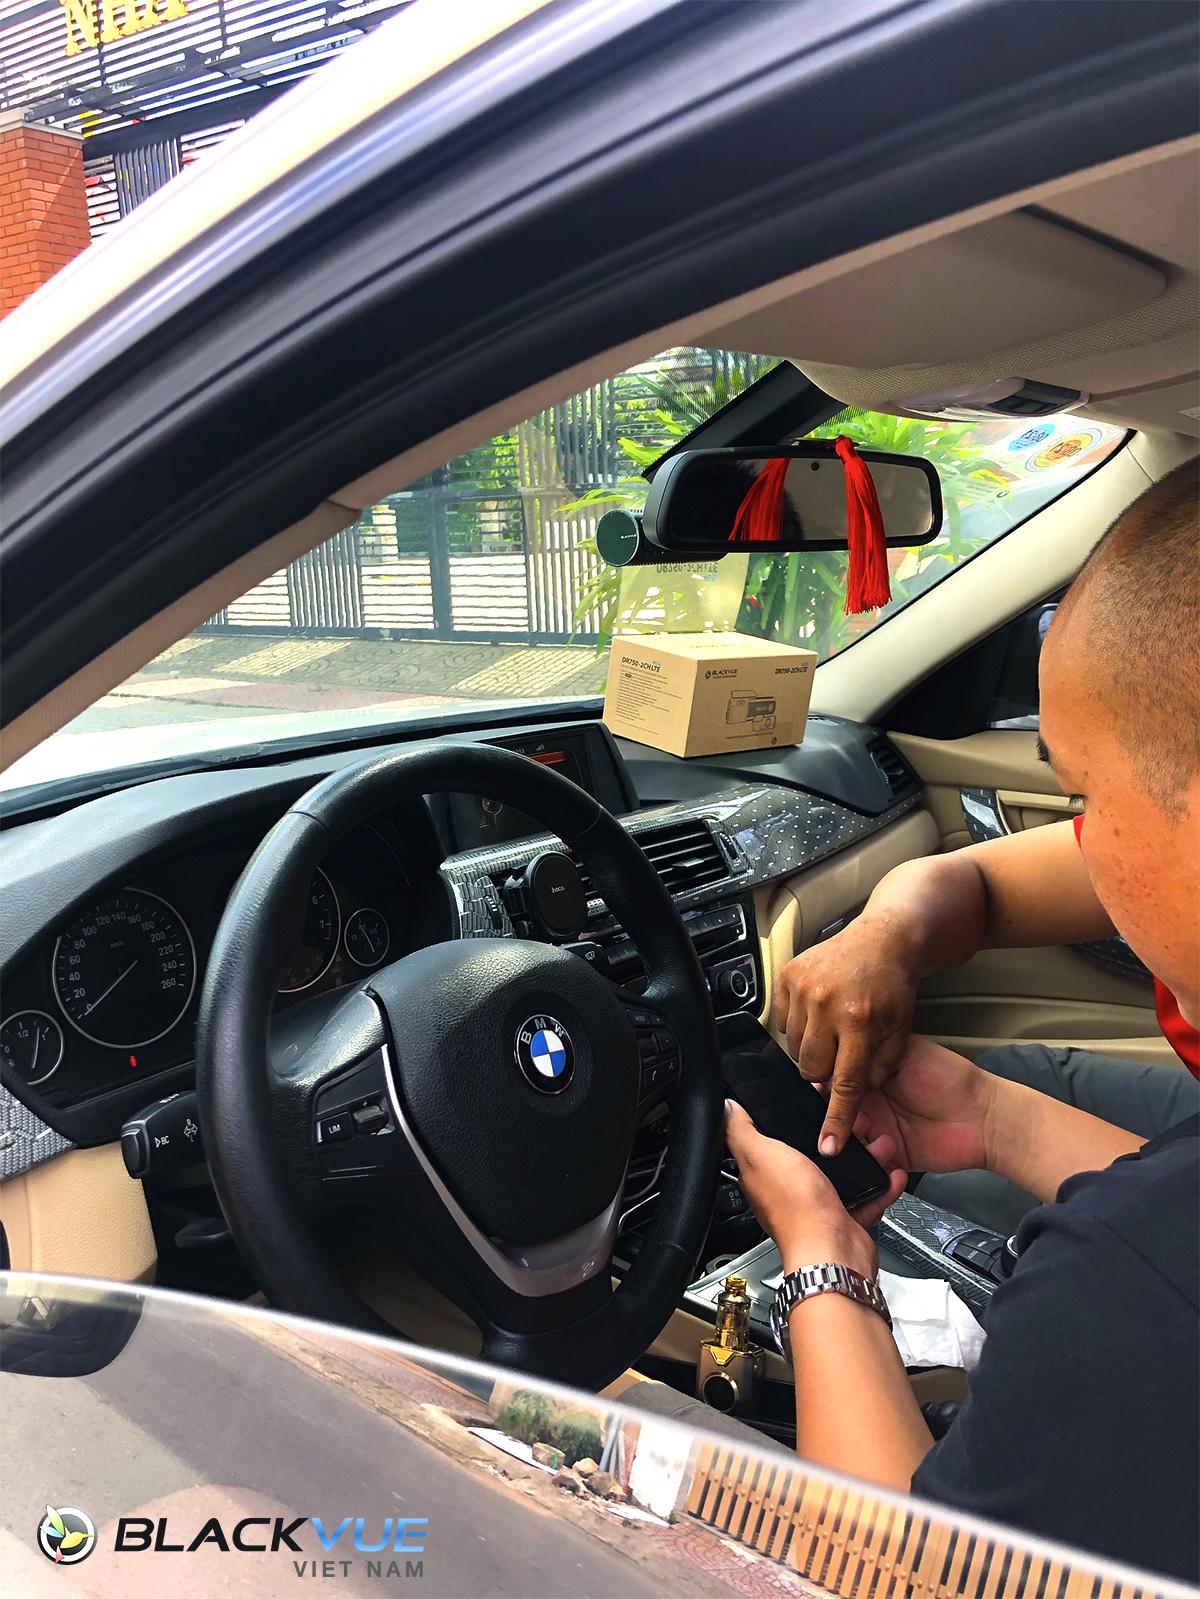 z2102016698094 6b3a2827442c230fee01fdba50267968 - Blackvue DR750-2CH LTE camera hành trình cao cấp chuyên dành cho xe sang